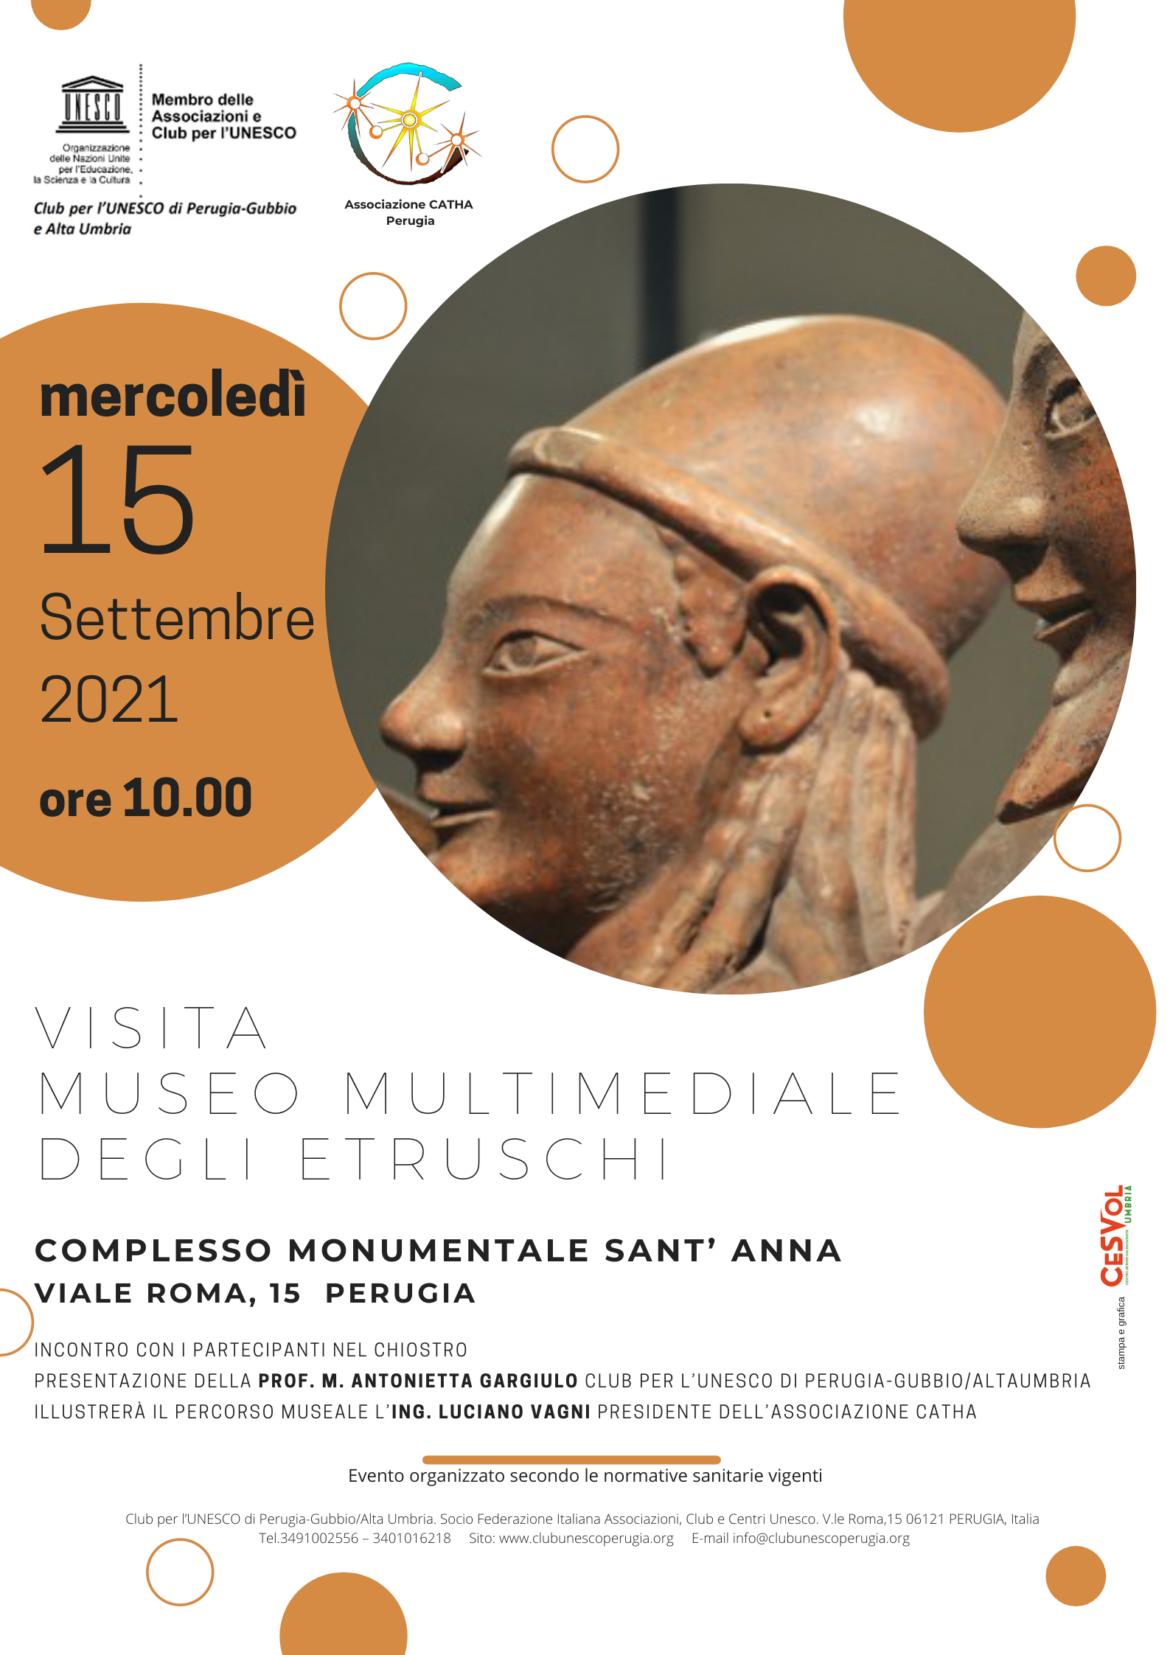 Visita al Museo Multimediale degli Etruschi